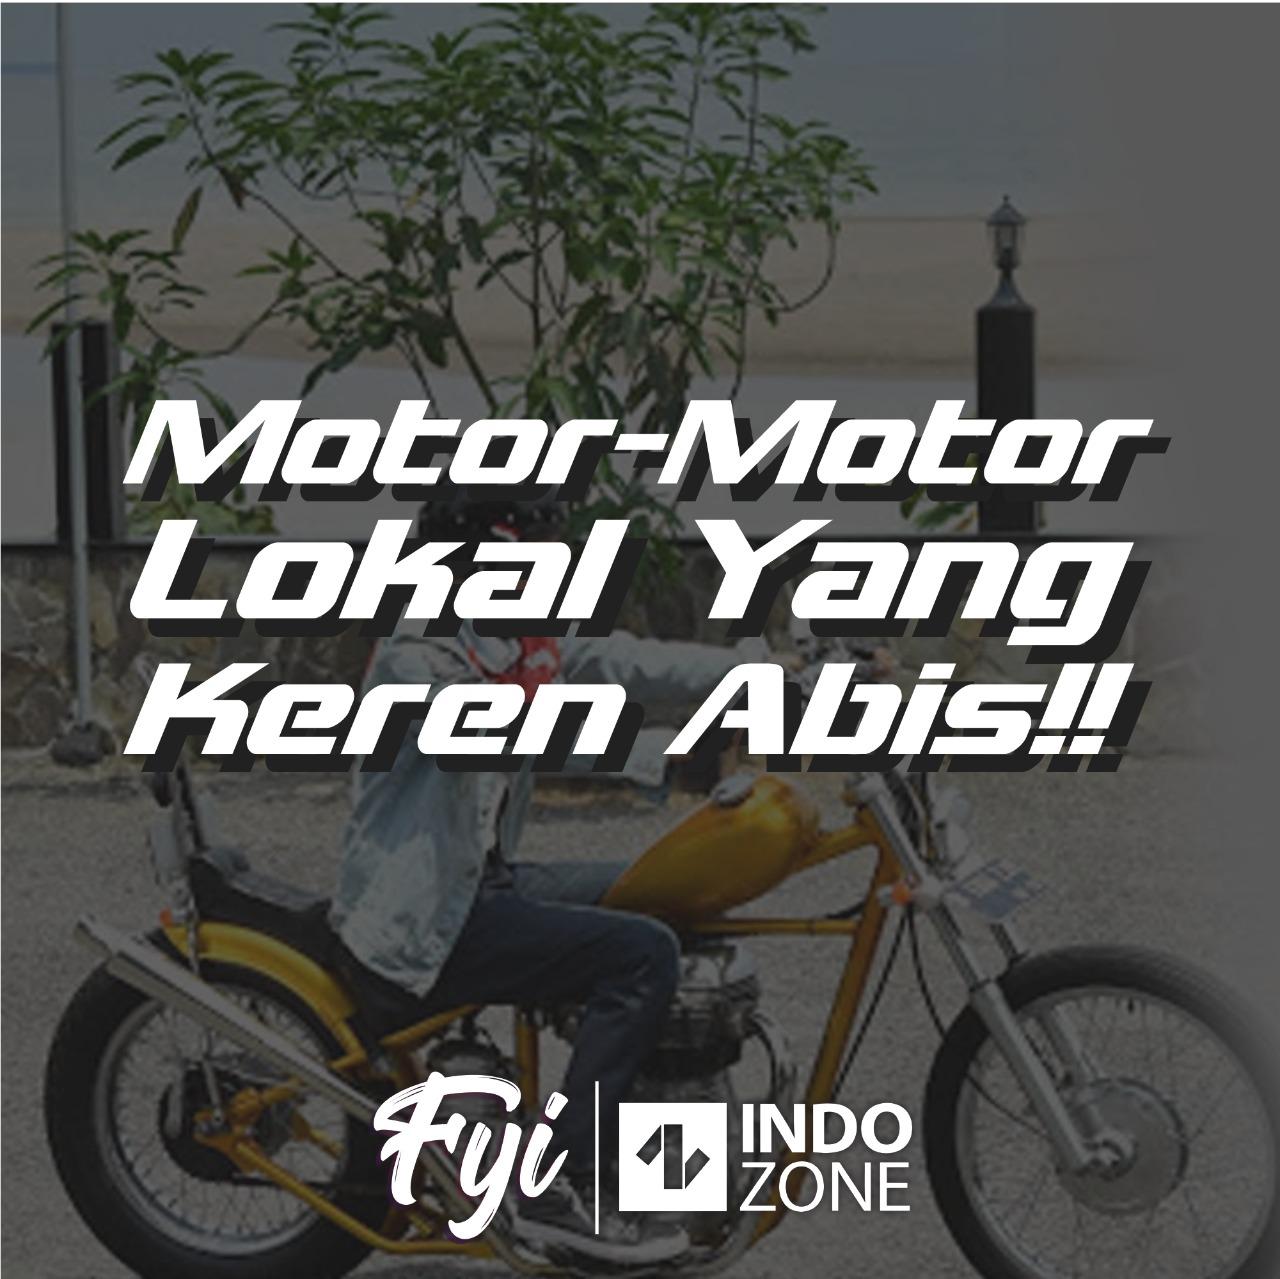 Motor-Motor Lokal yang Keren Abis!!